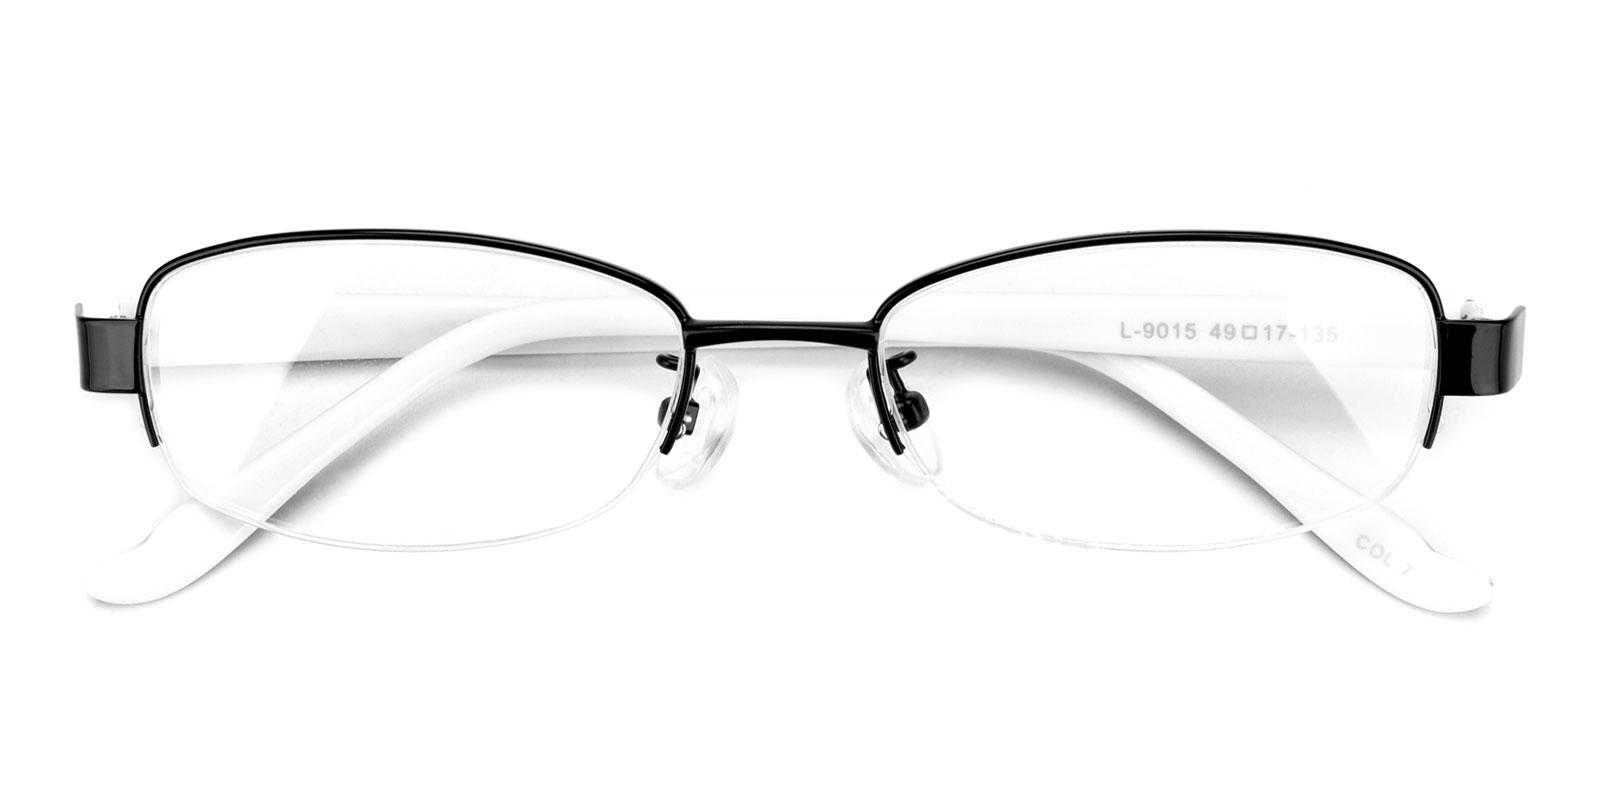 Clever-Black-Rectangle-Metal-Eyeglasses-detail